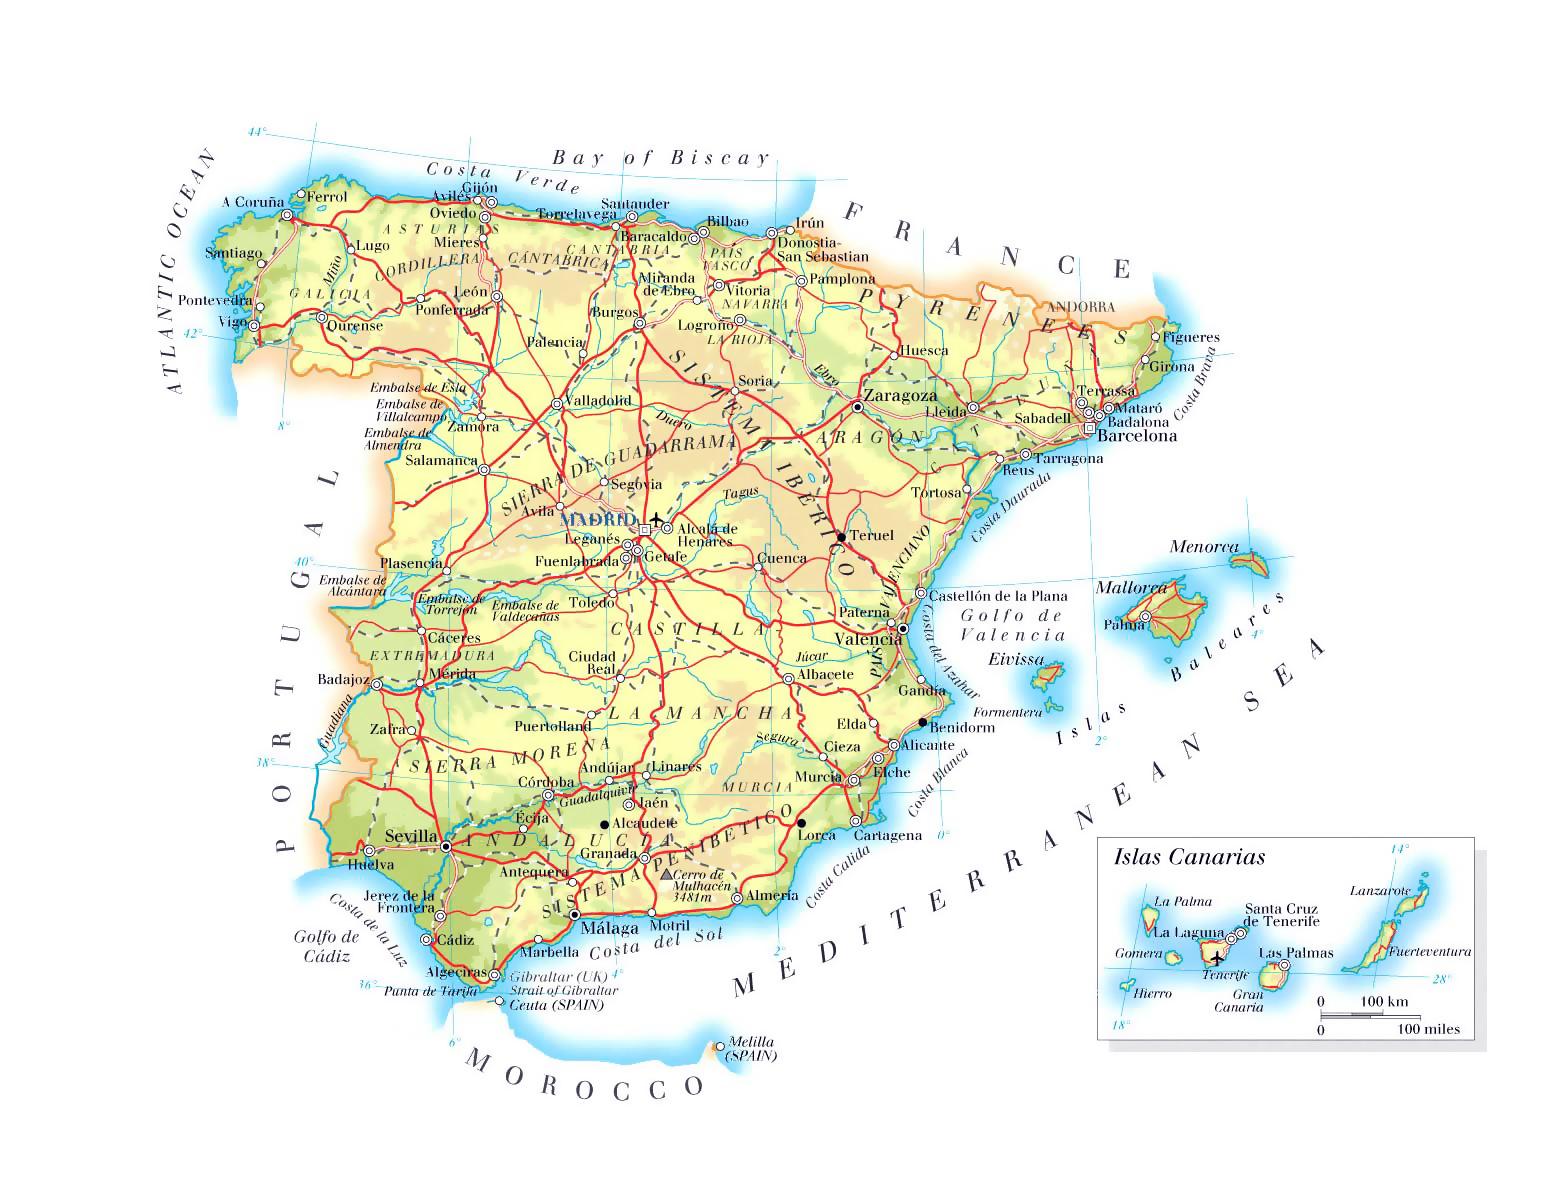 Detallado Mapa De Elevacion De Espana Con Carreteras Principales